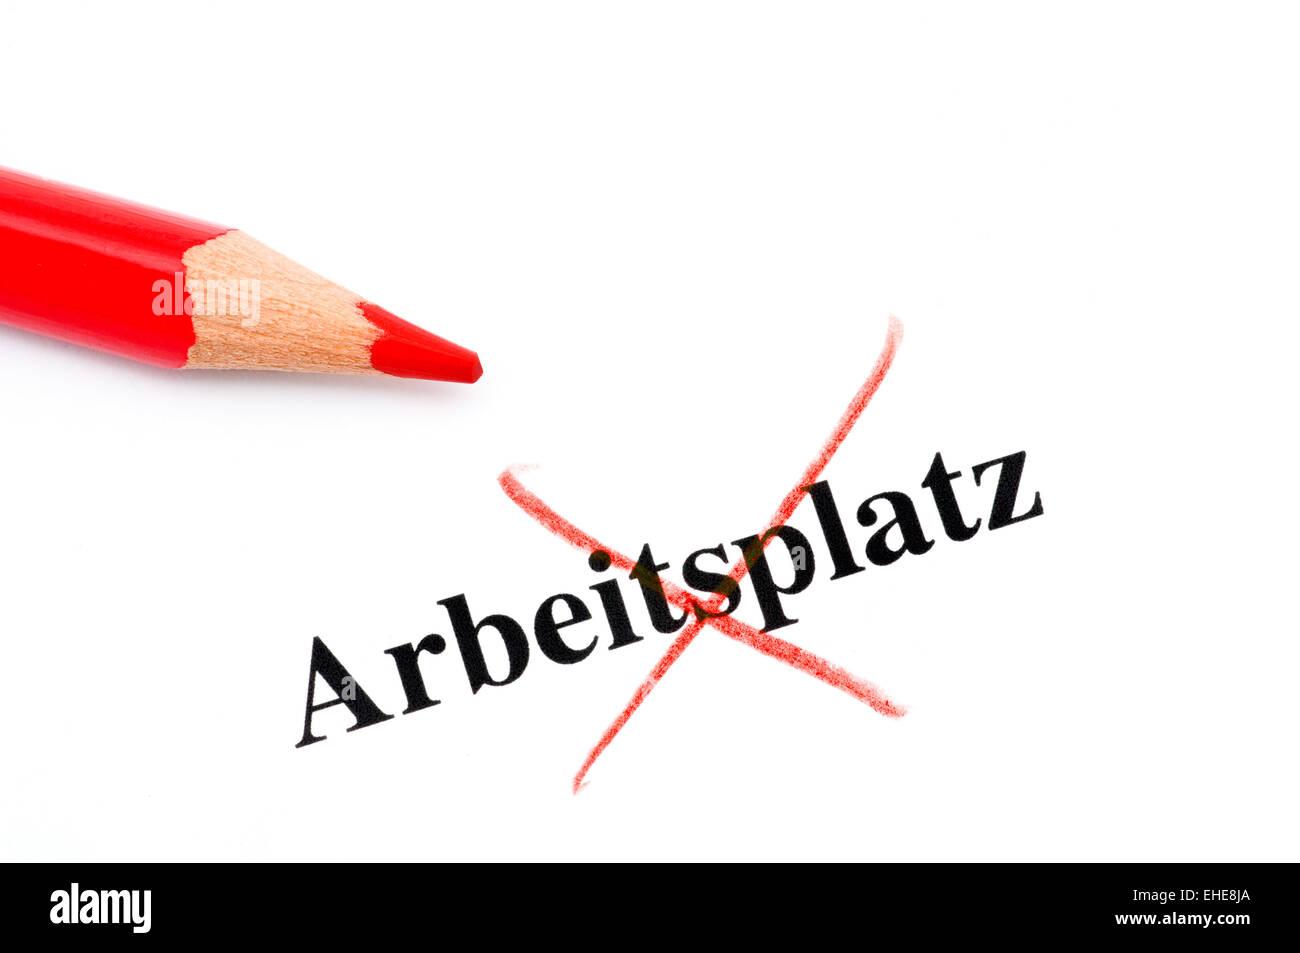 Arbeitsplatzverlust / perdita del posto di lavoro Immagini Stock